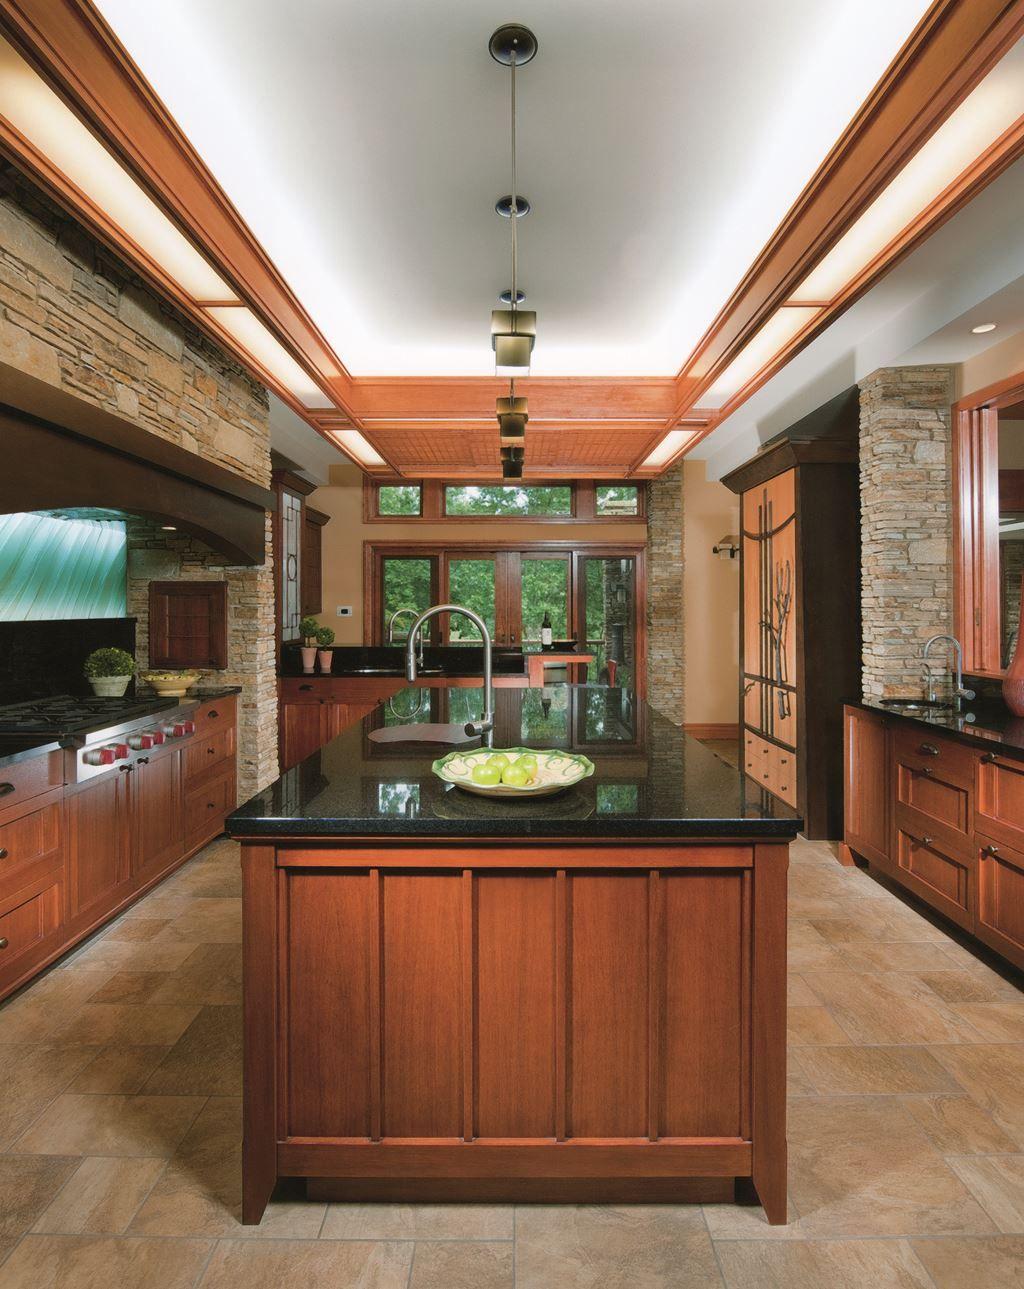 Image result for prairie kitchen | Craftsman kitchen ...